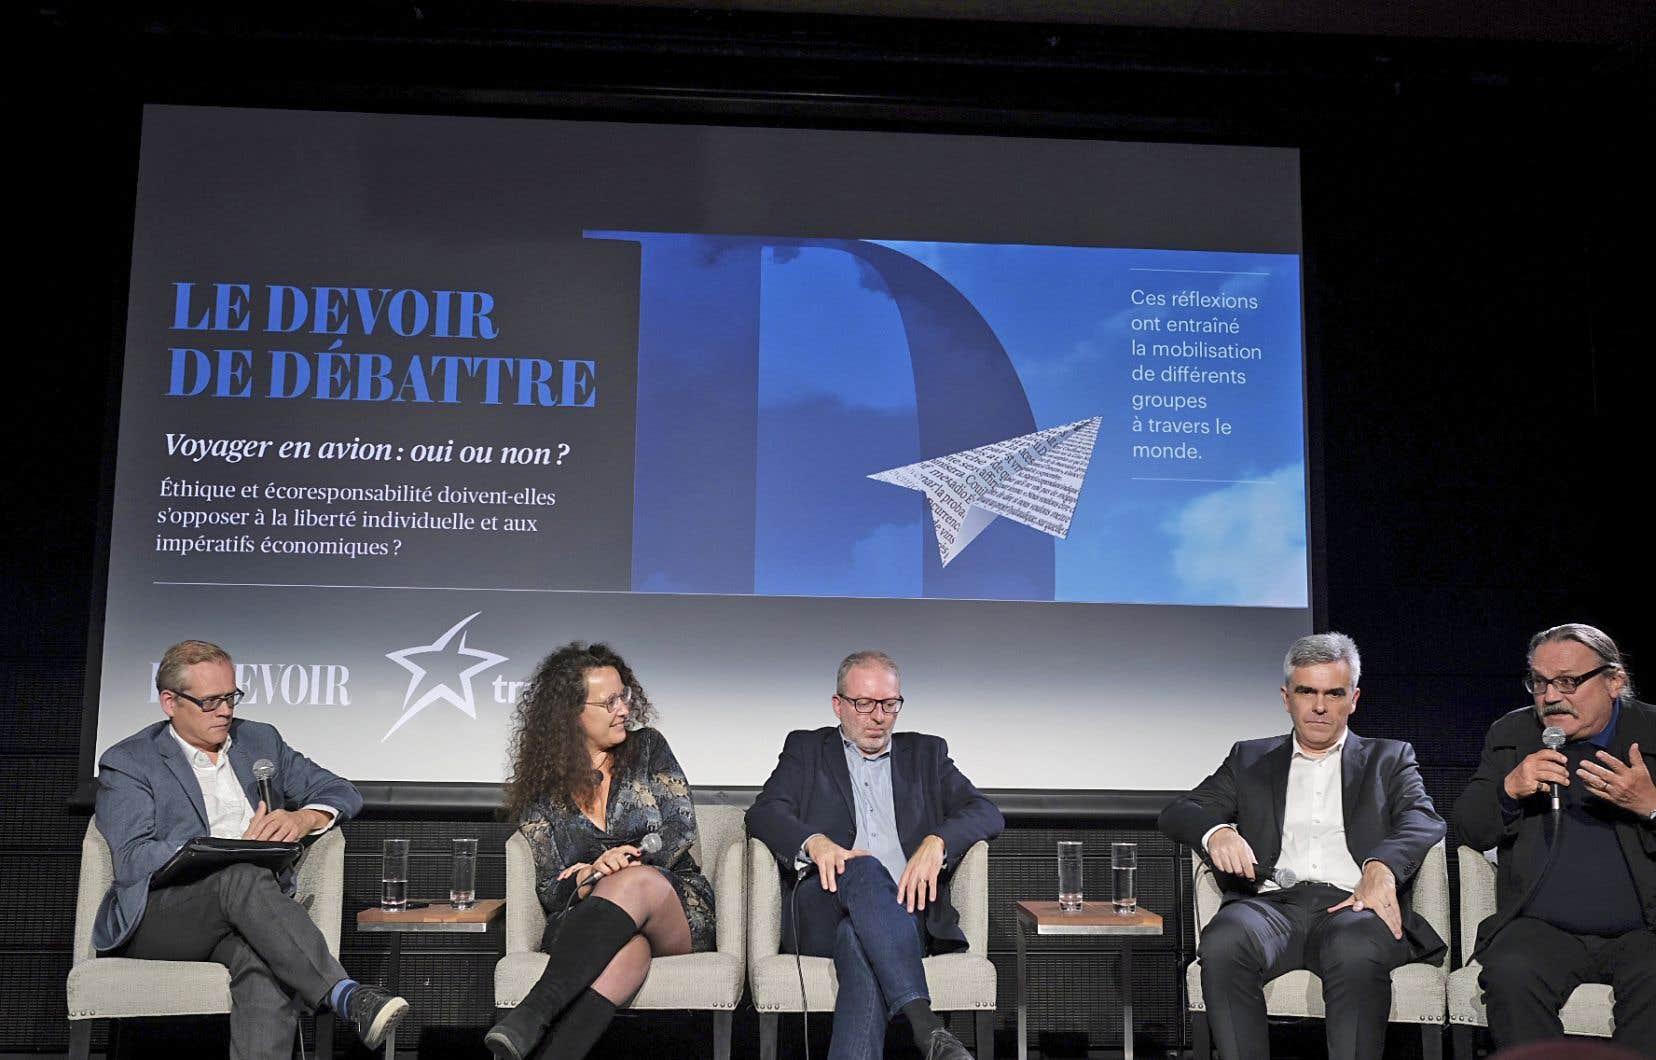 Le directeur du «Devoir», Brian Myles, en compagnie des panélistes Cécile Bulle, Karel Mayrand, Christophe Hennebelle et Jean-Didier Urbain.